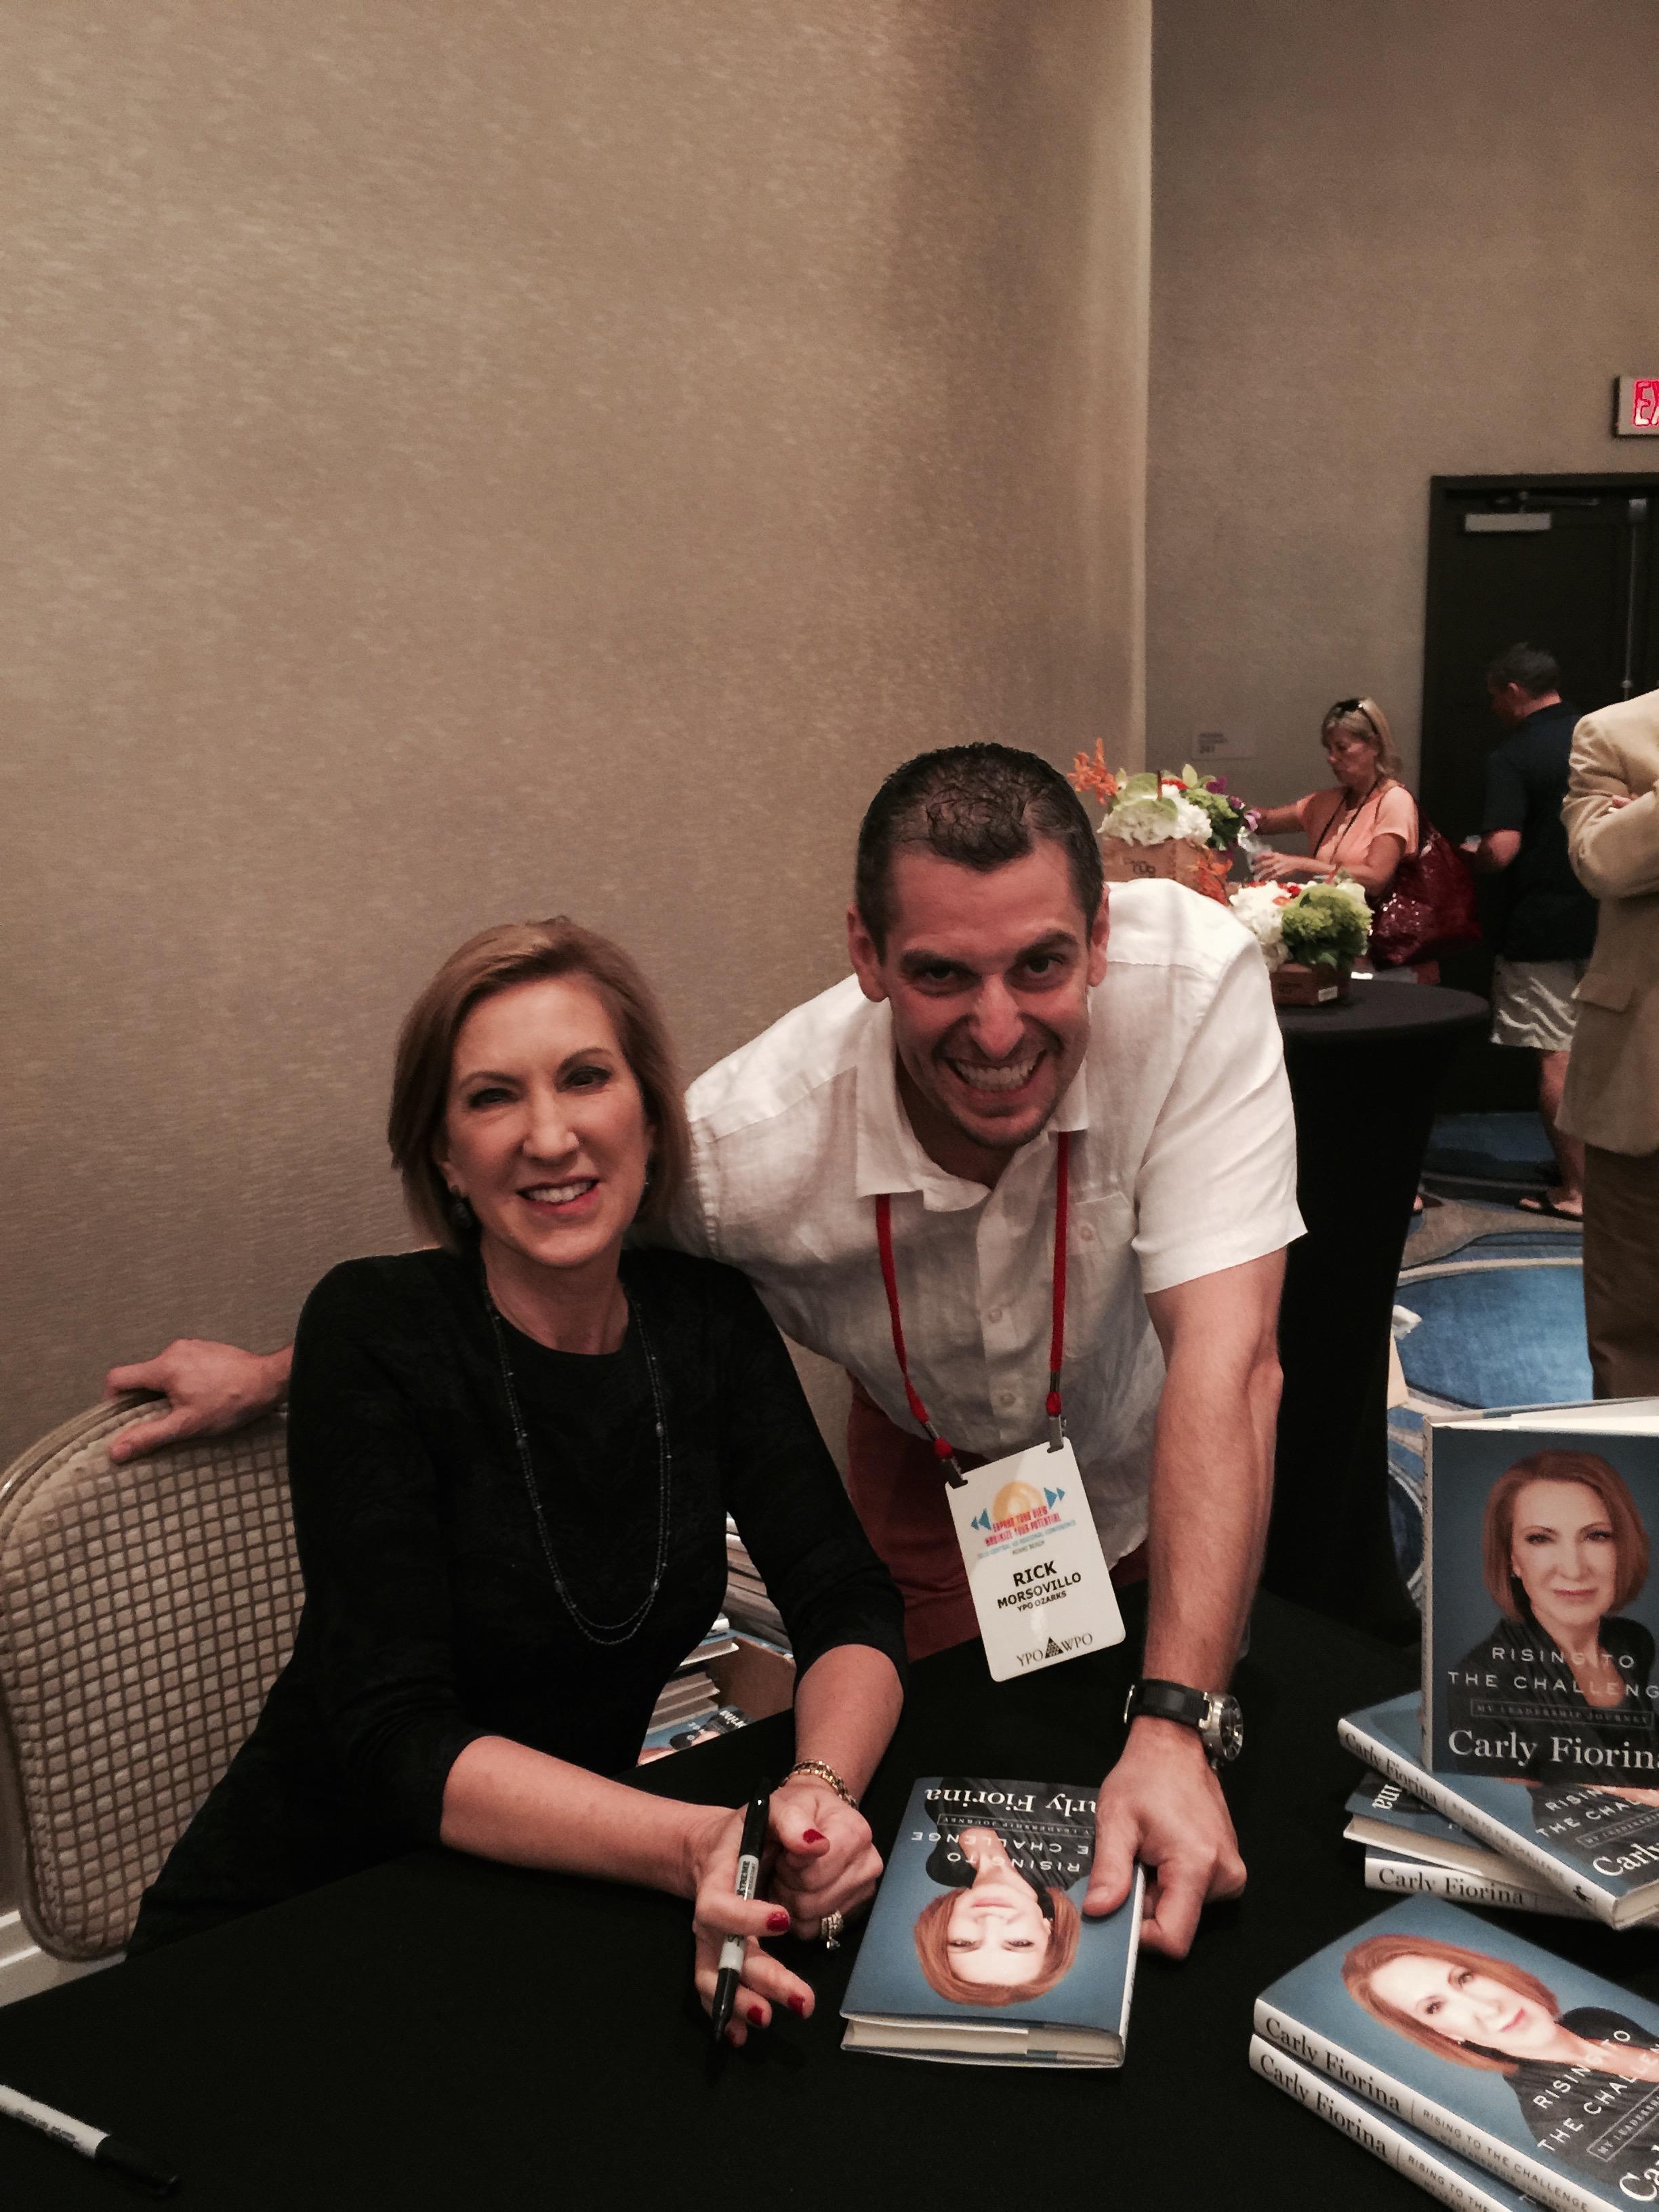 Rick Mosovillo with Carly Fiorina